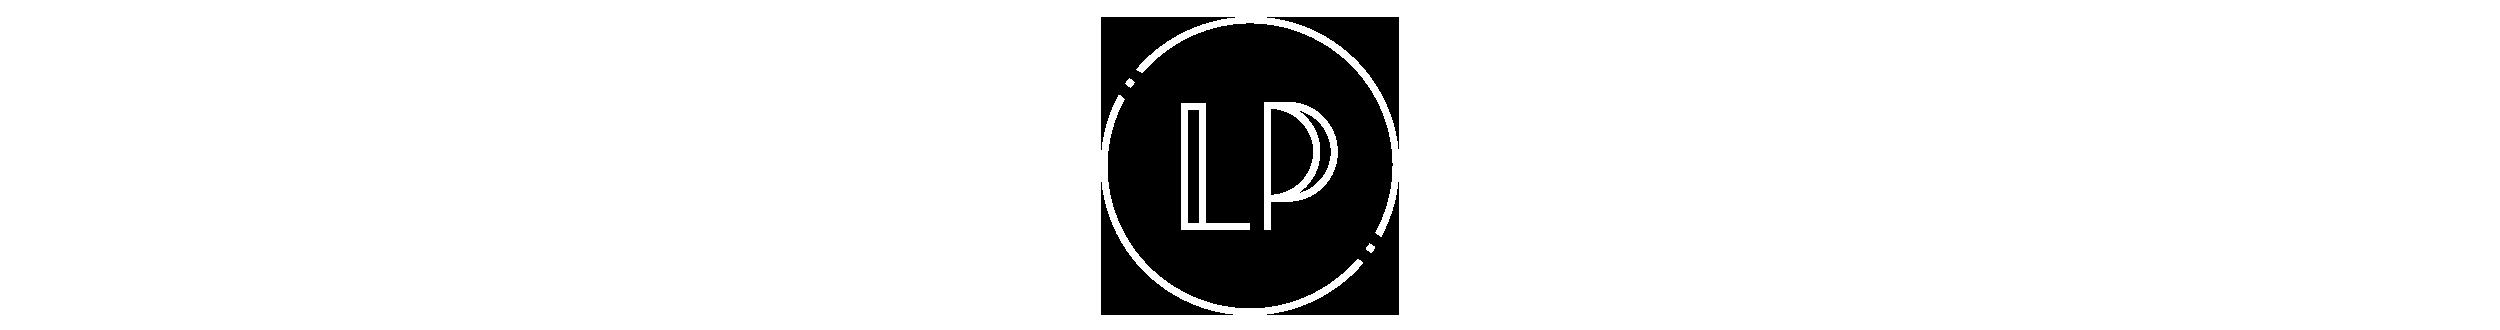 Lamond Projects Logo